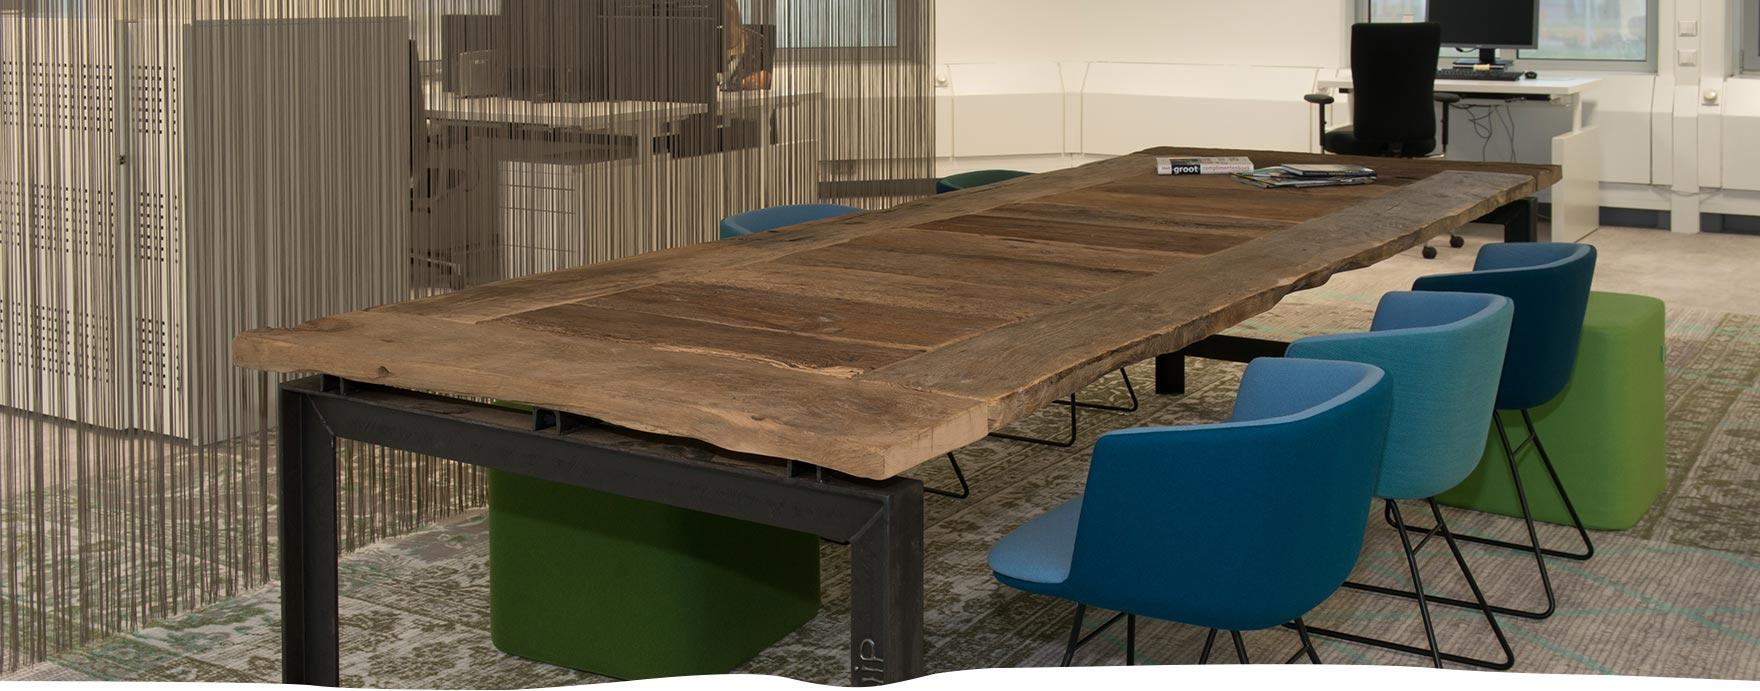 Oud eiken tafels - De Hout Snip